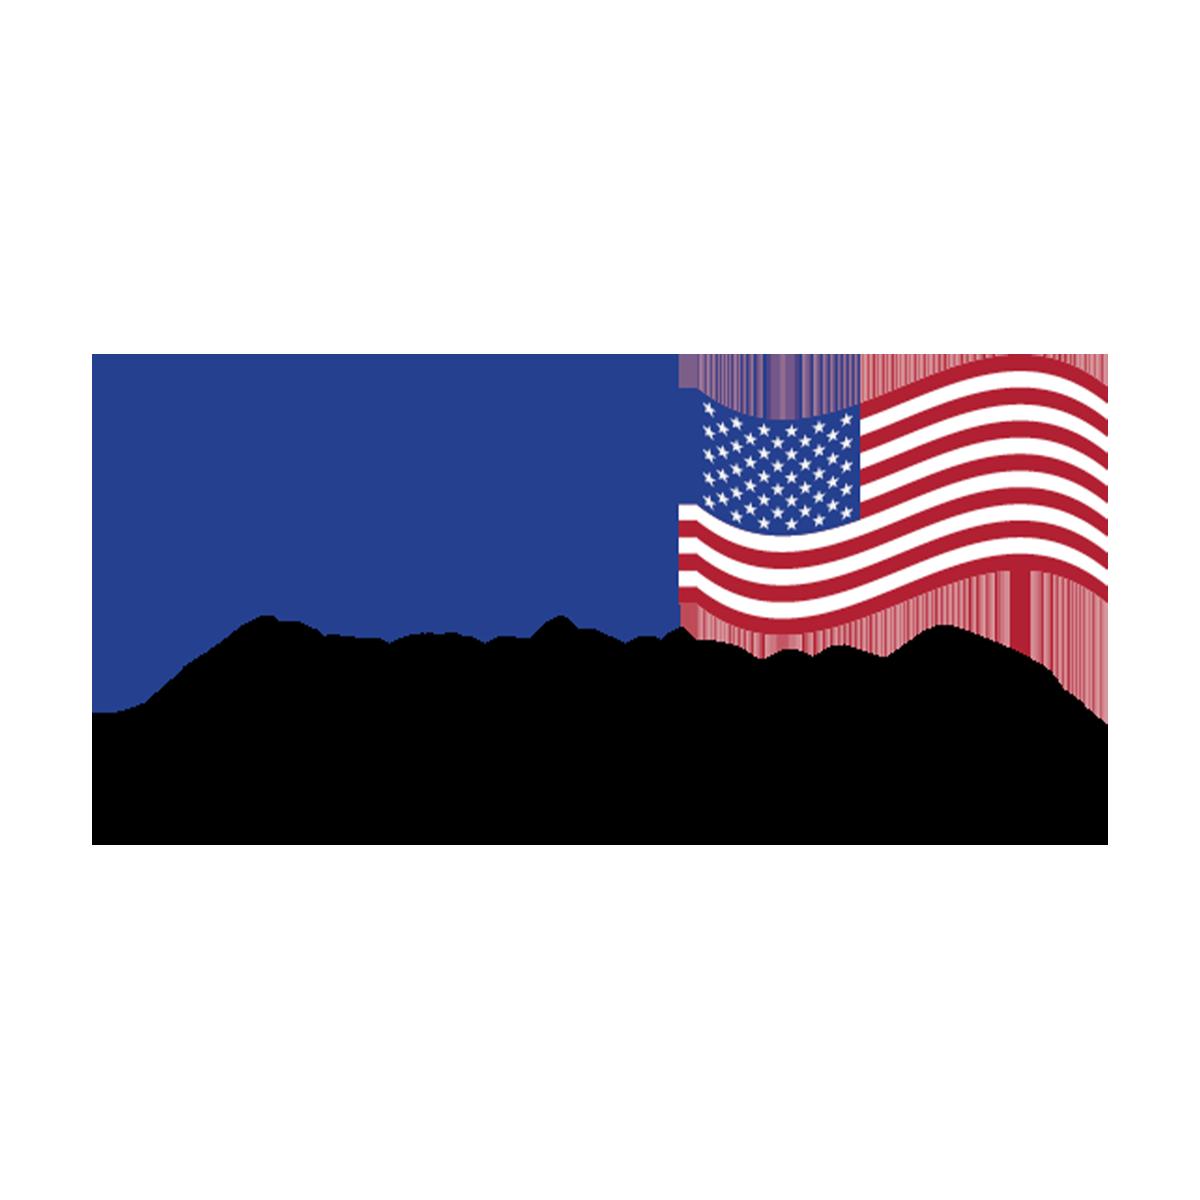 USA-Mech